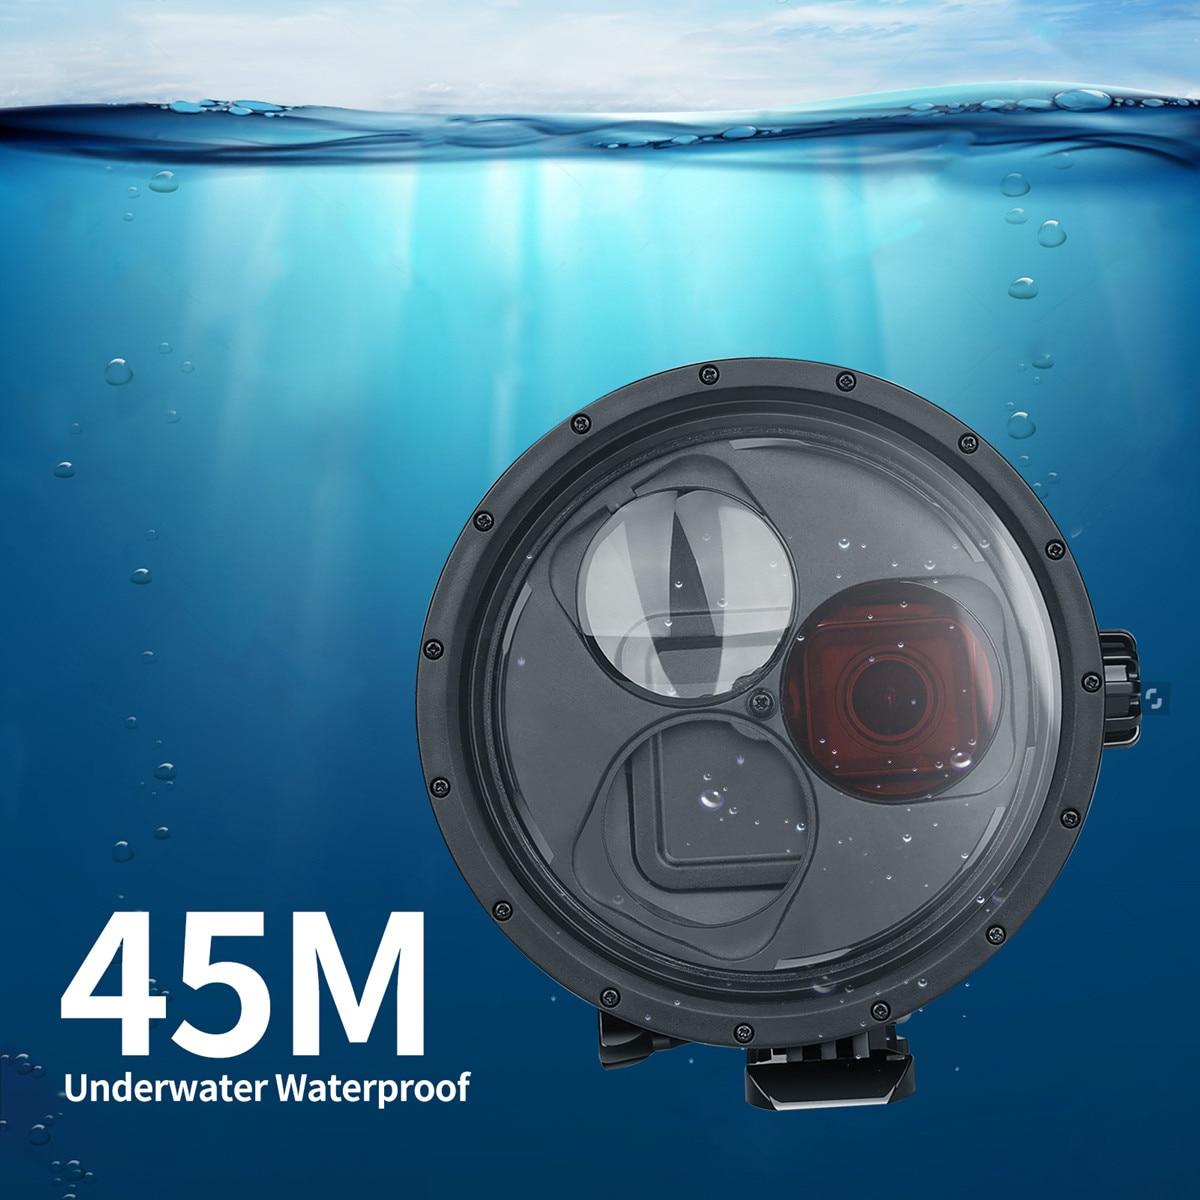 45M filtro subacuático conmutador Puerto Domo impermeable caso de buceo para Gopro 7 negro 6 5 accesorios de la cámara